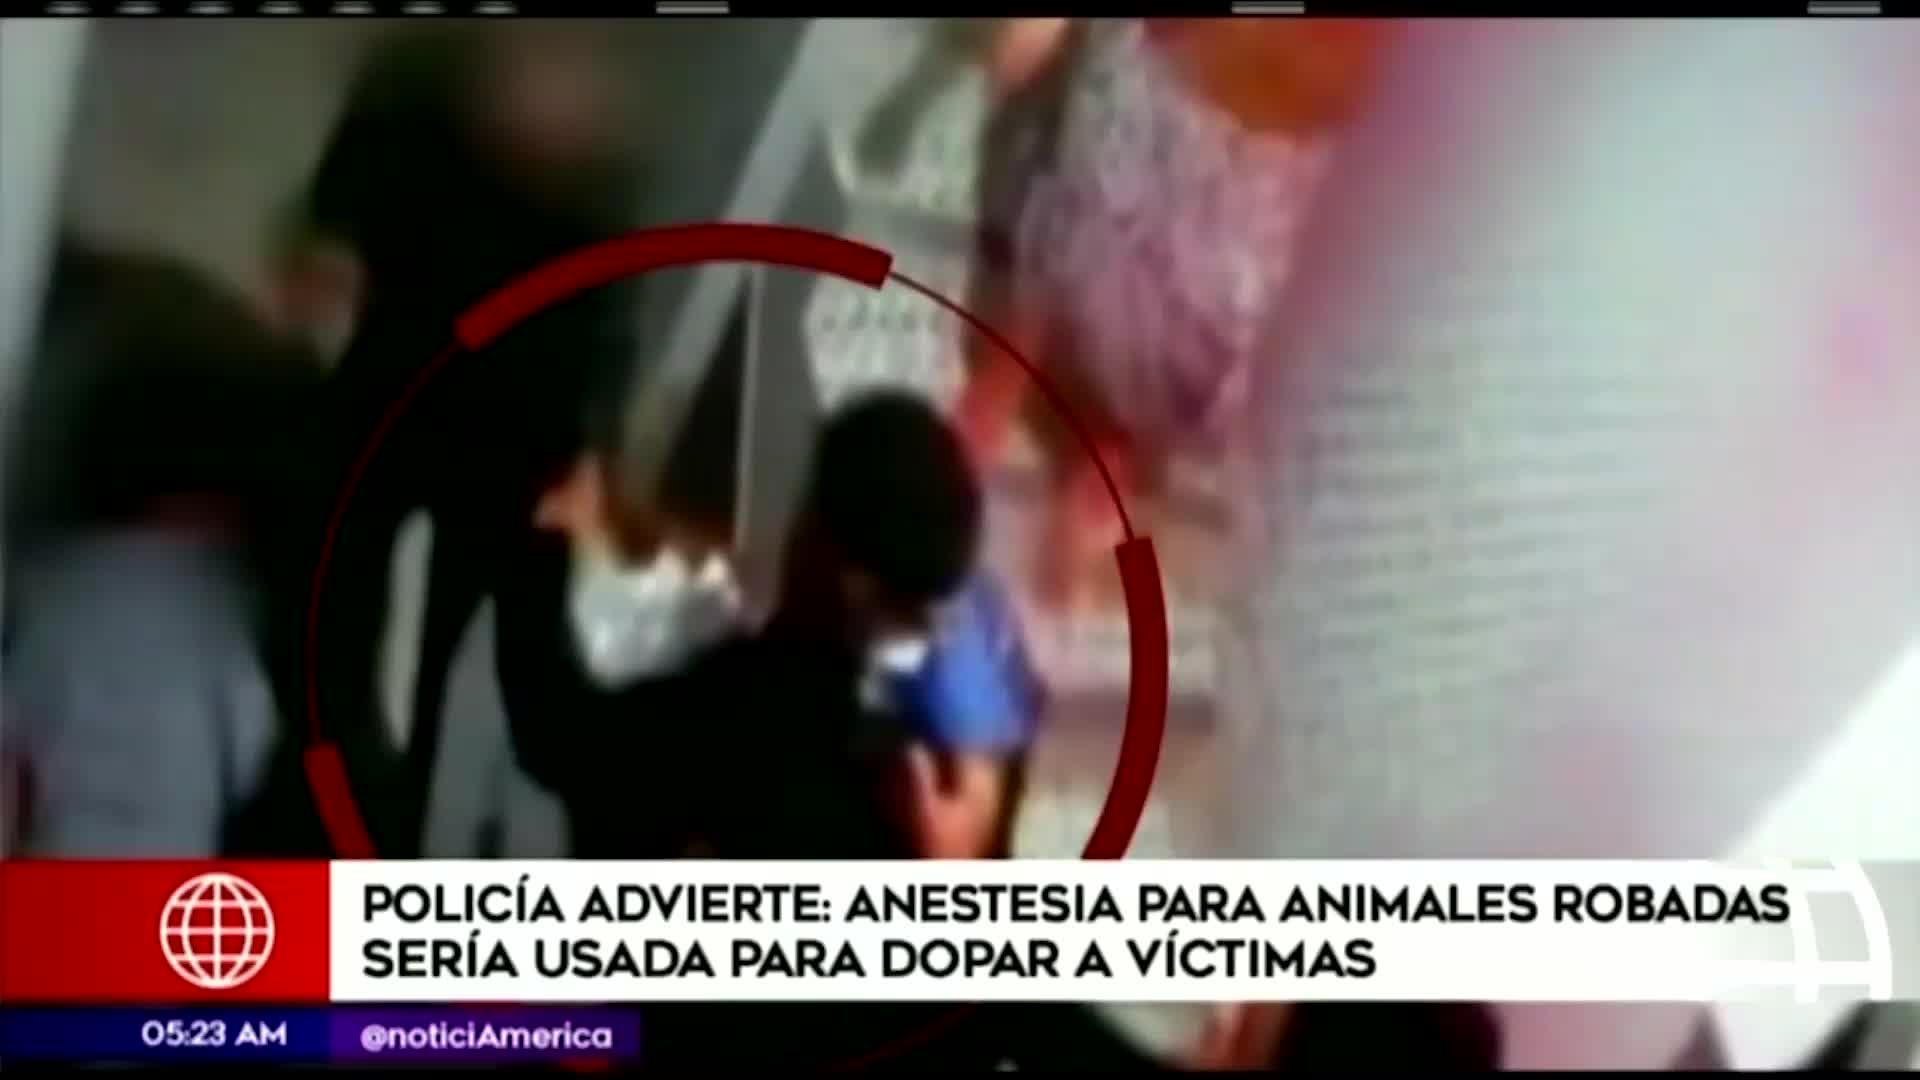 ¡Cuidado! Advierten que anestesia para animales es utilizada para dopar personas